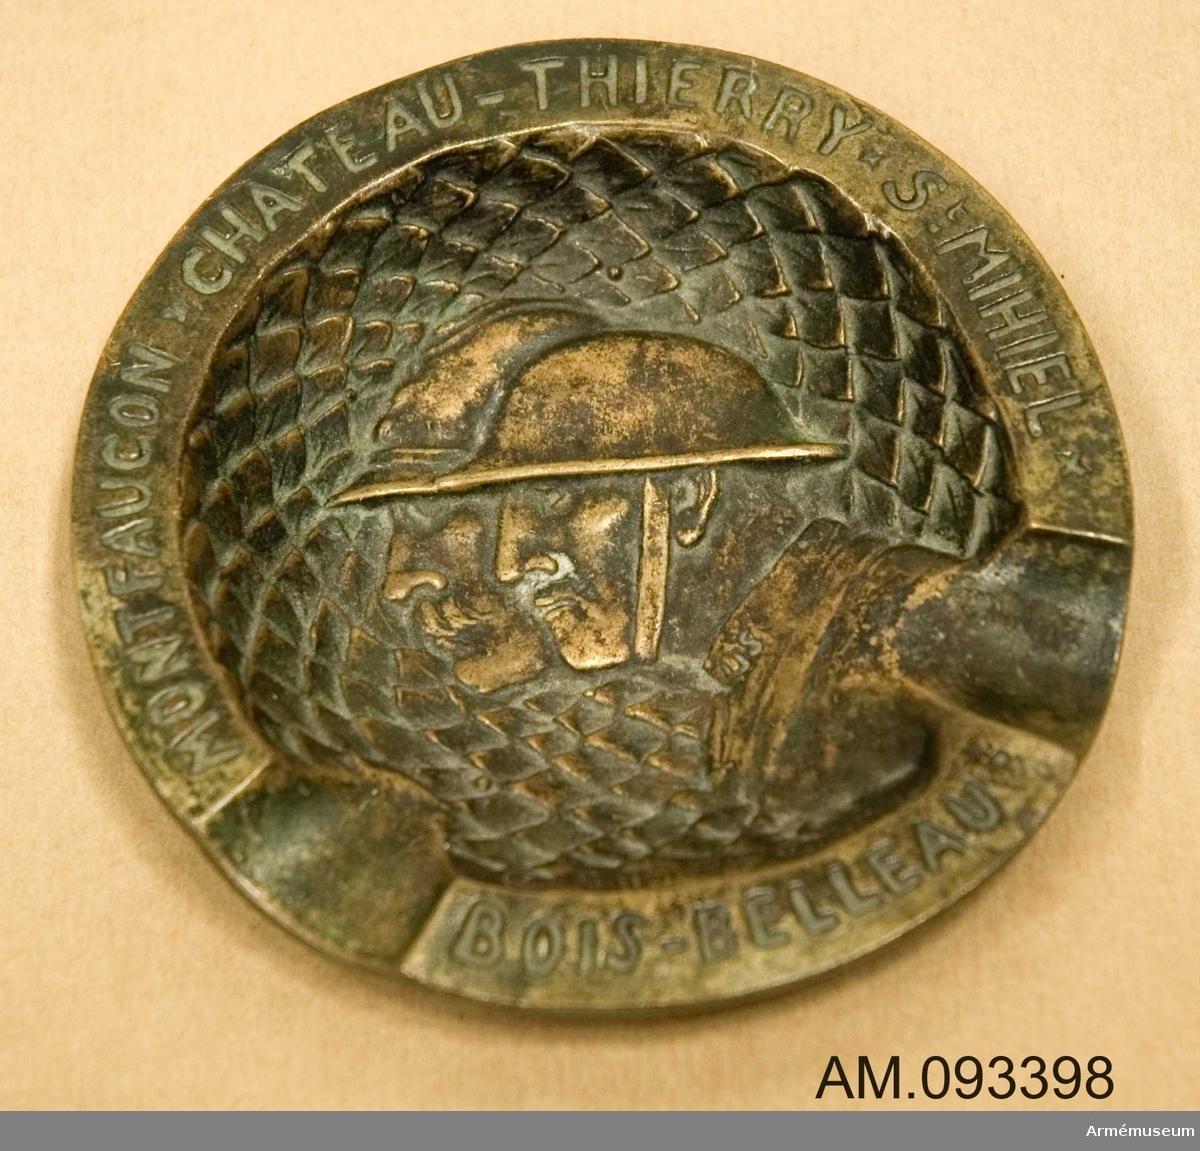 Runt askfat med fiskbensmönstrad botten prydd med två män i profil iförda uniform med hjälm. Runt kanten text, (se påförd text).